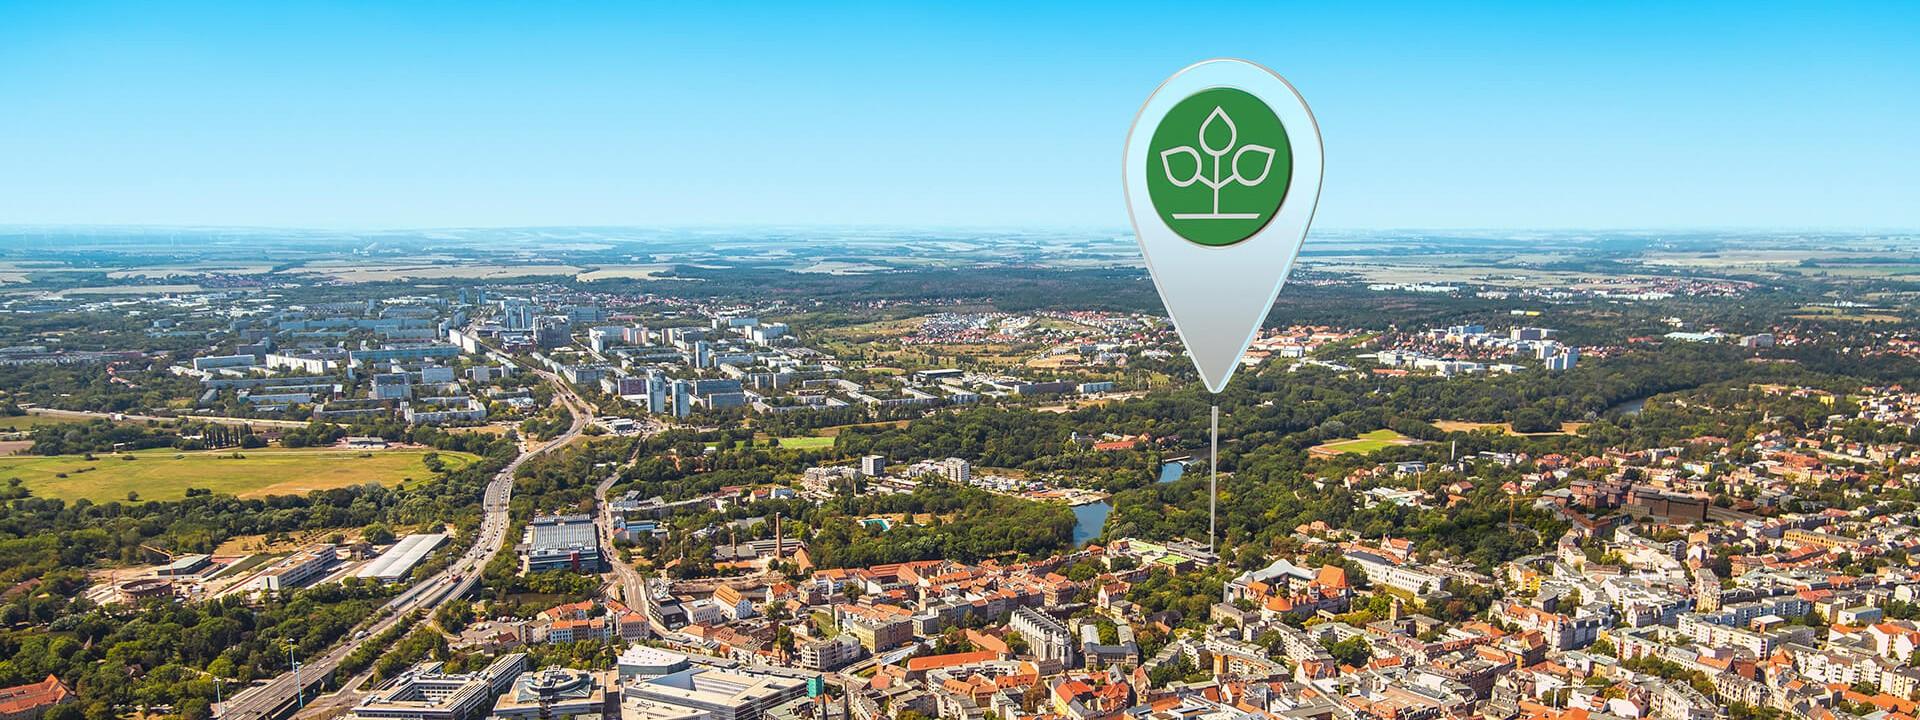 Luftbild von Halle